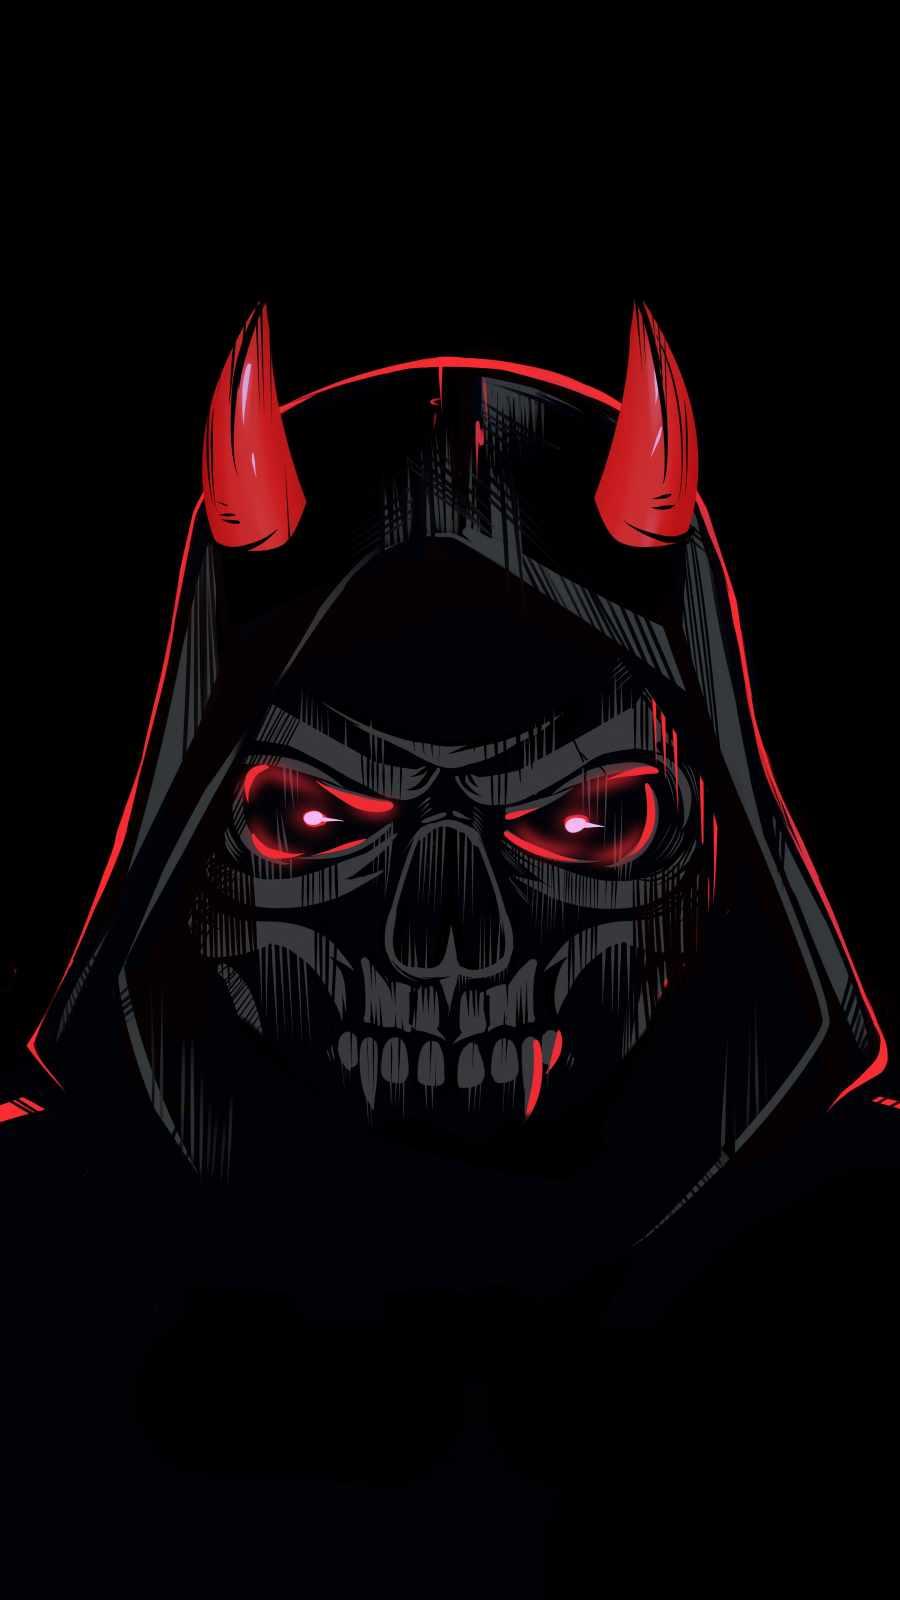 Devil in Hoodie iPhone Wallpaper